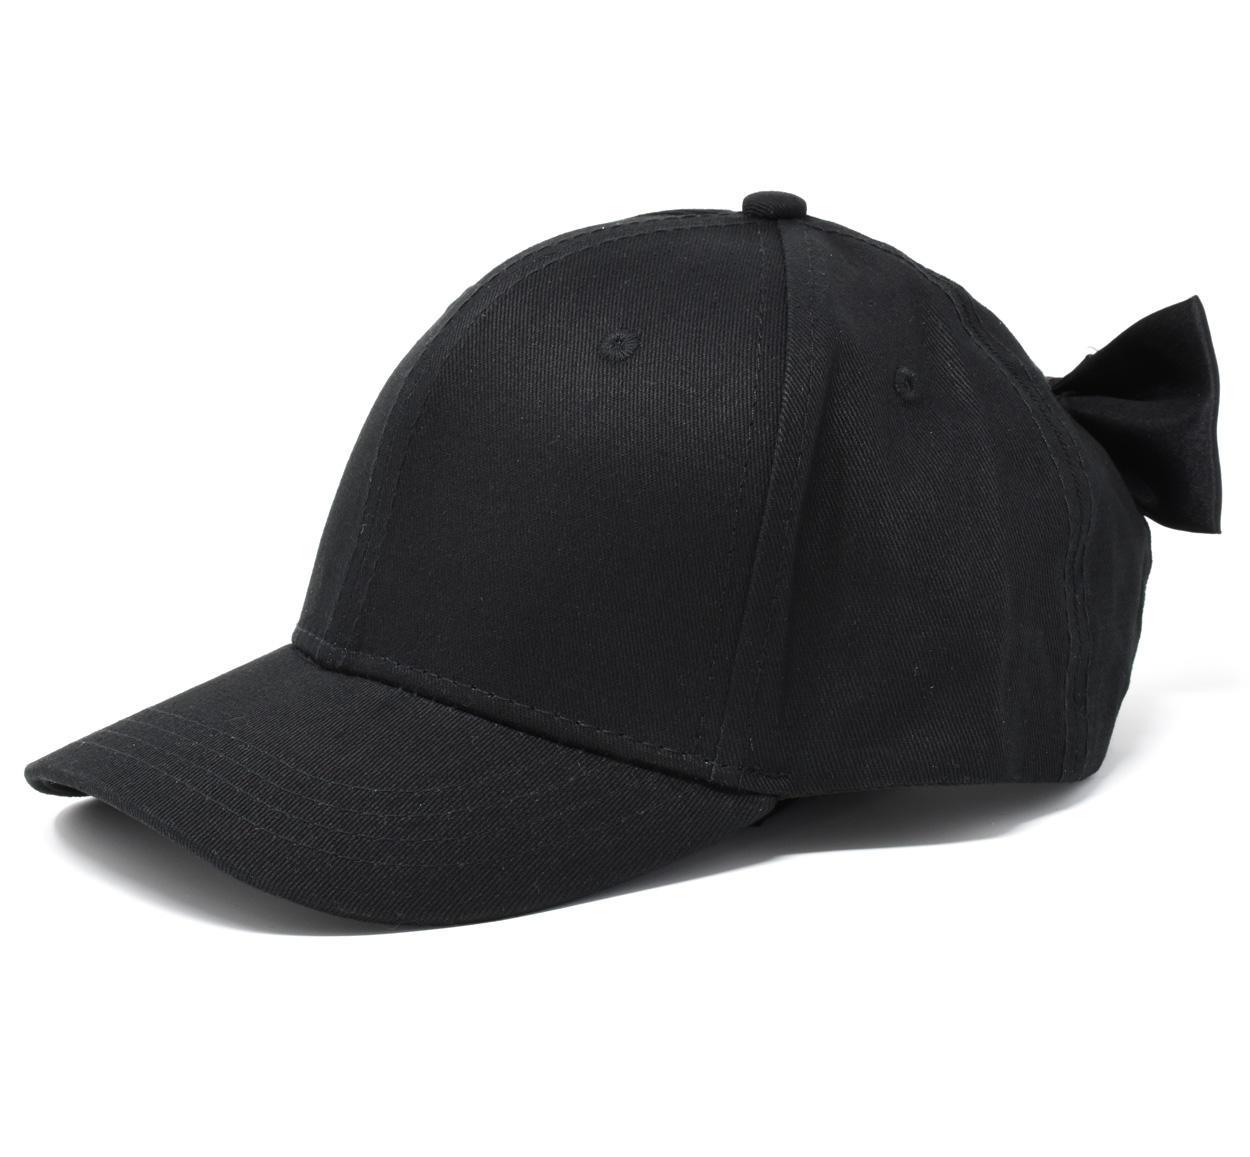 Cappello 100% cotone con fiocco per bambina da 6 a 16 anni Sarabanda NERO- 9e7f6a84f4f6